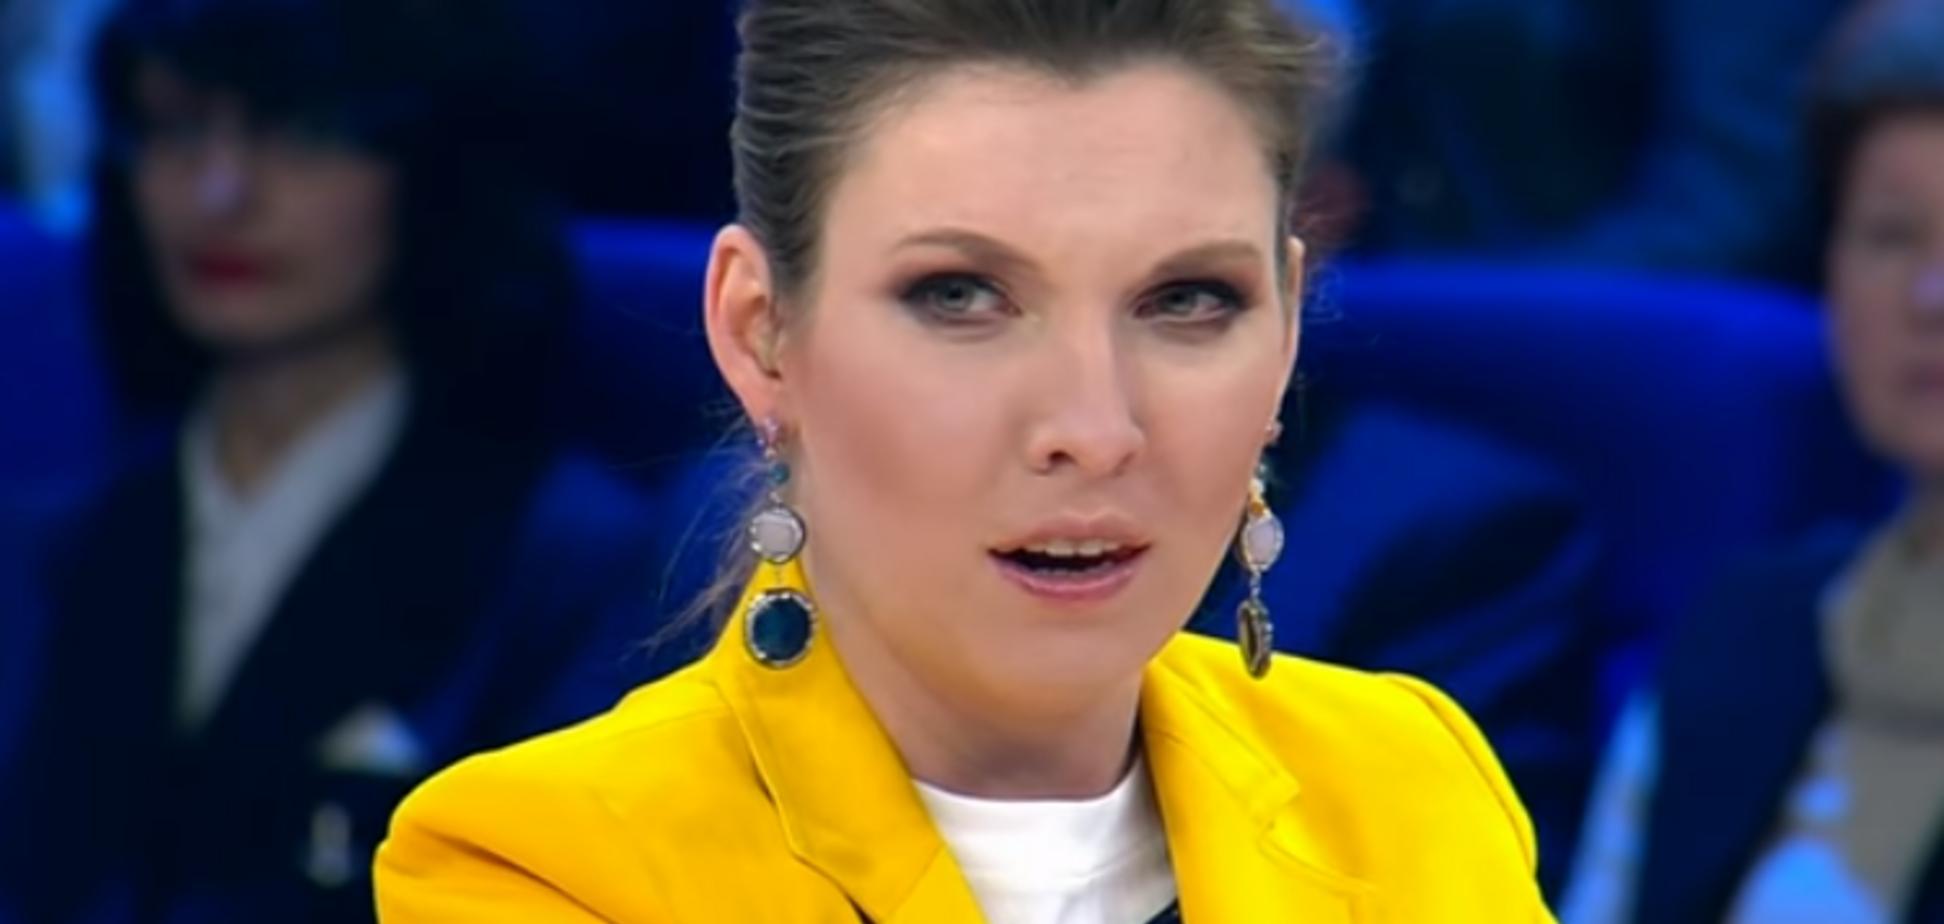 'ПТУшница на кортах': в сети высмеяли отдых Скабеевой за границей